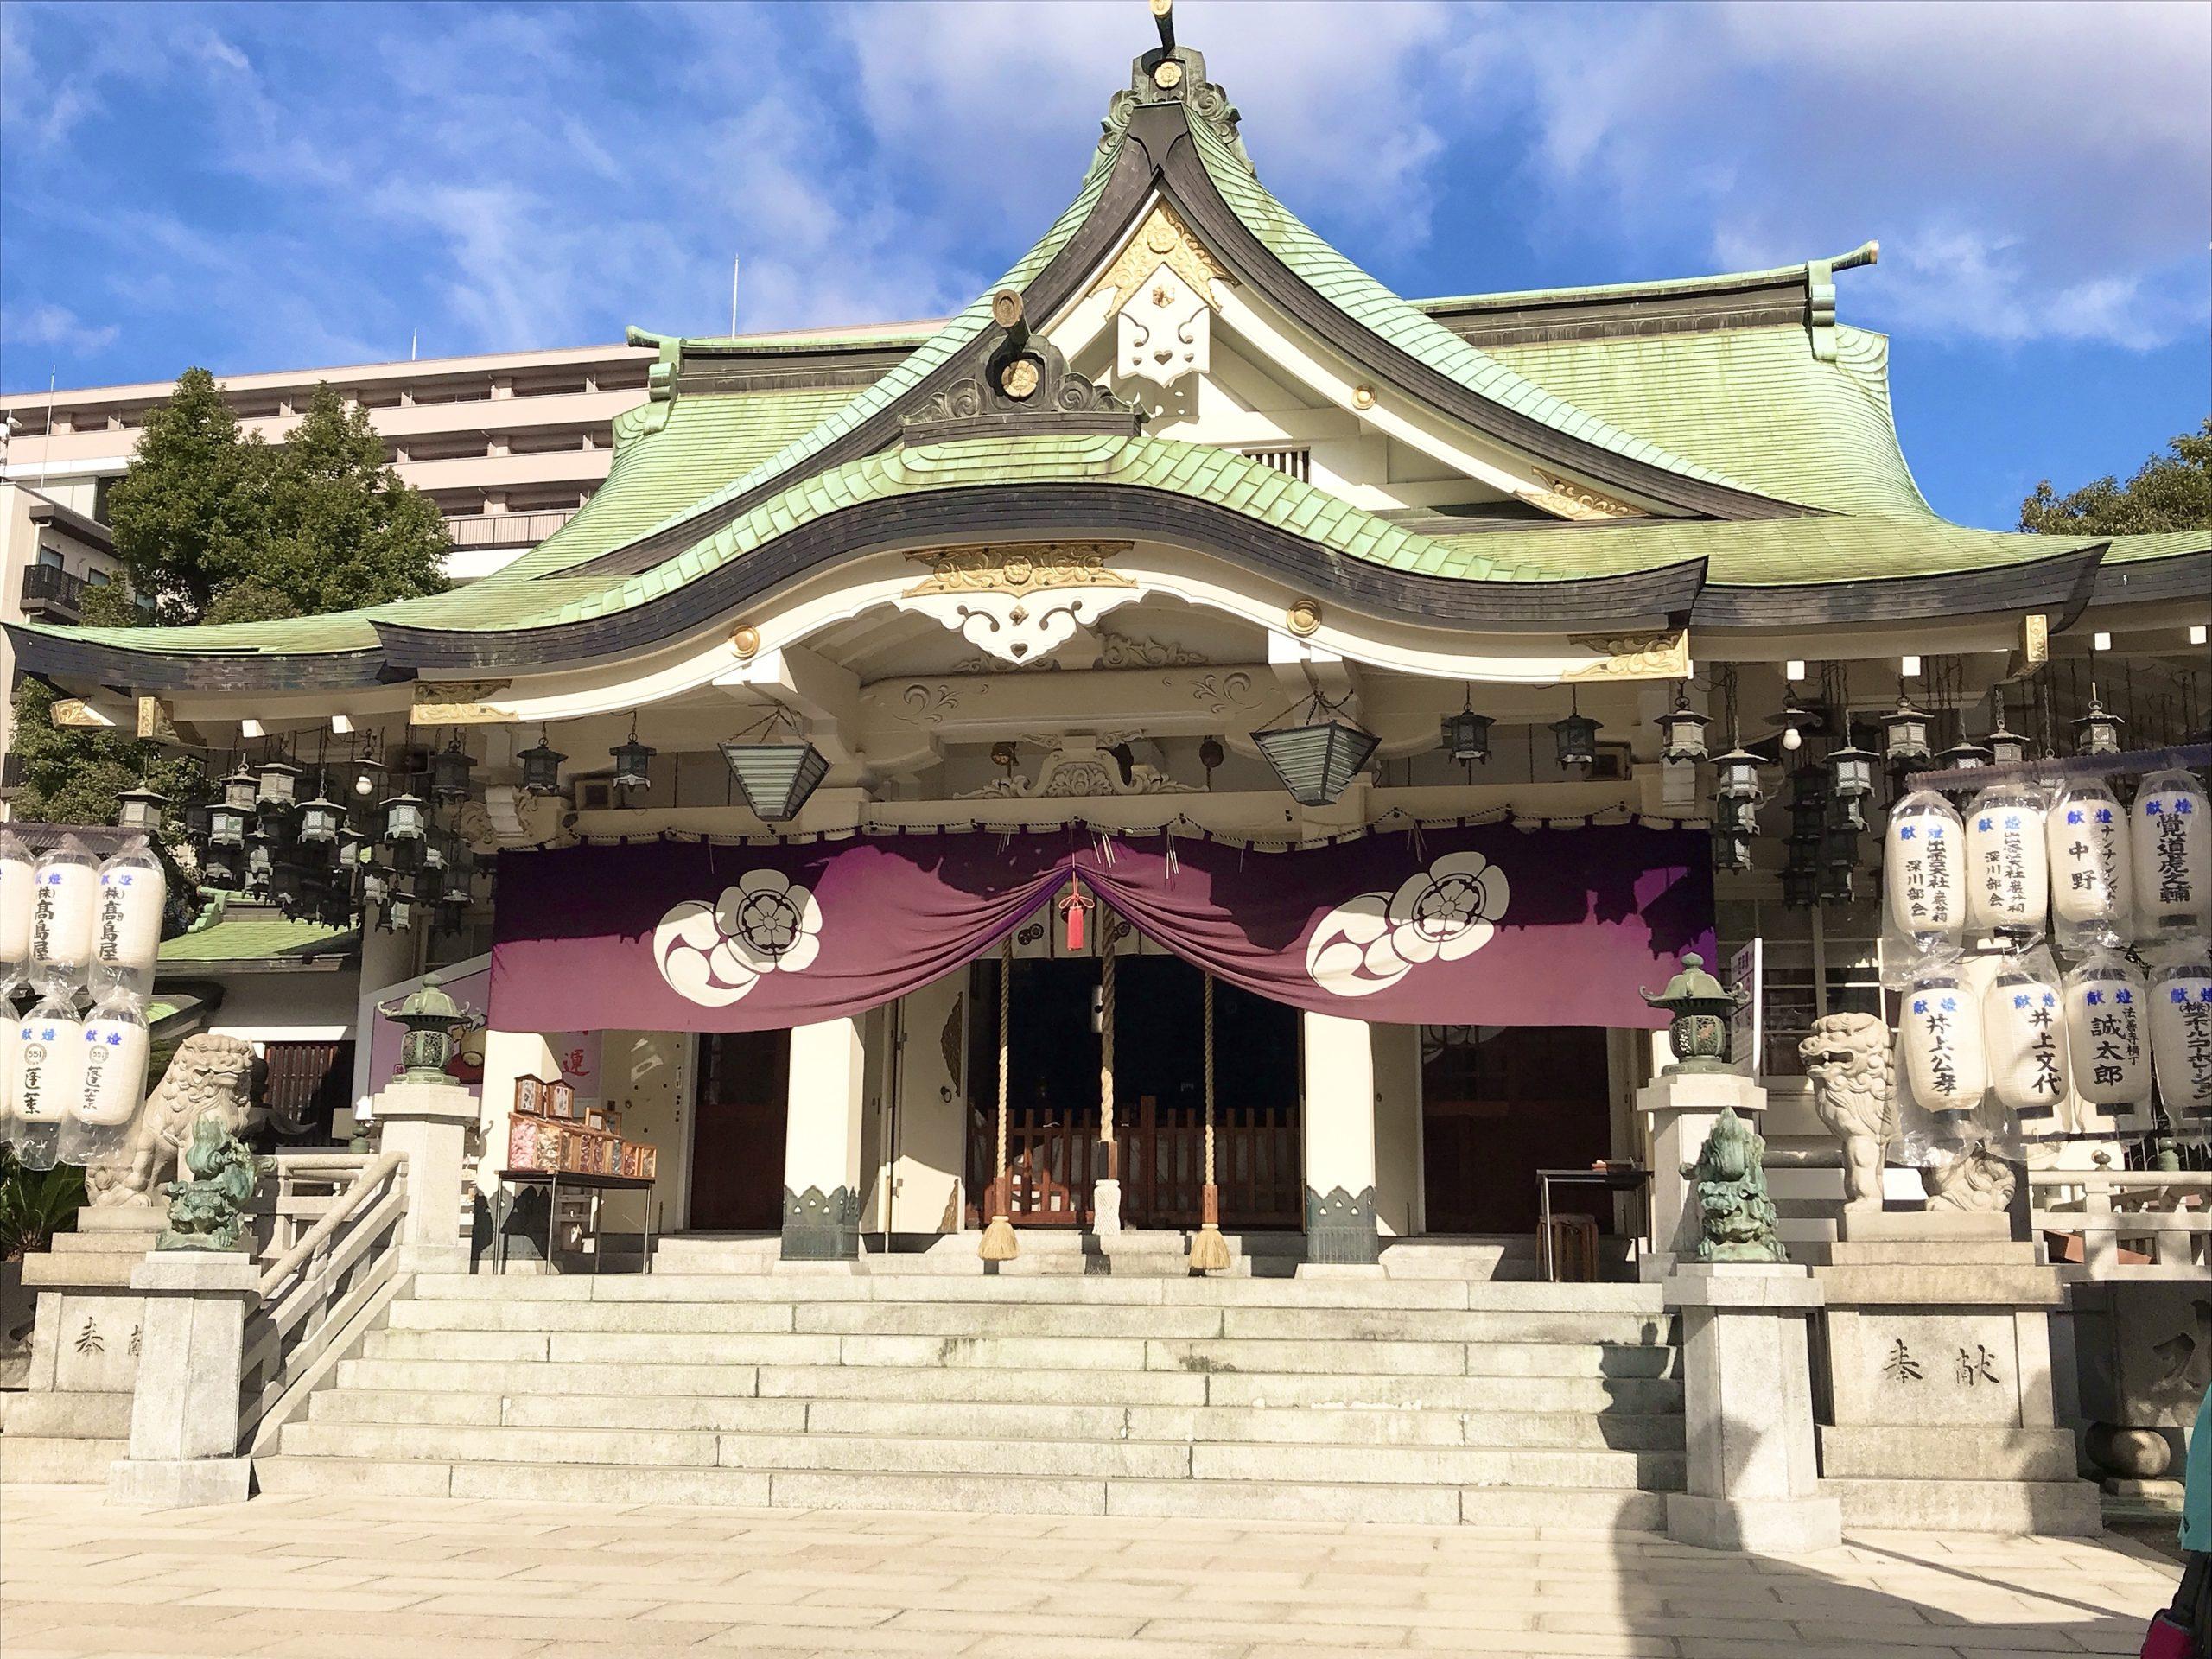 難波八坂神社のご由緒